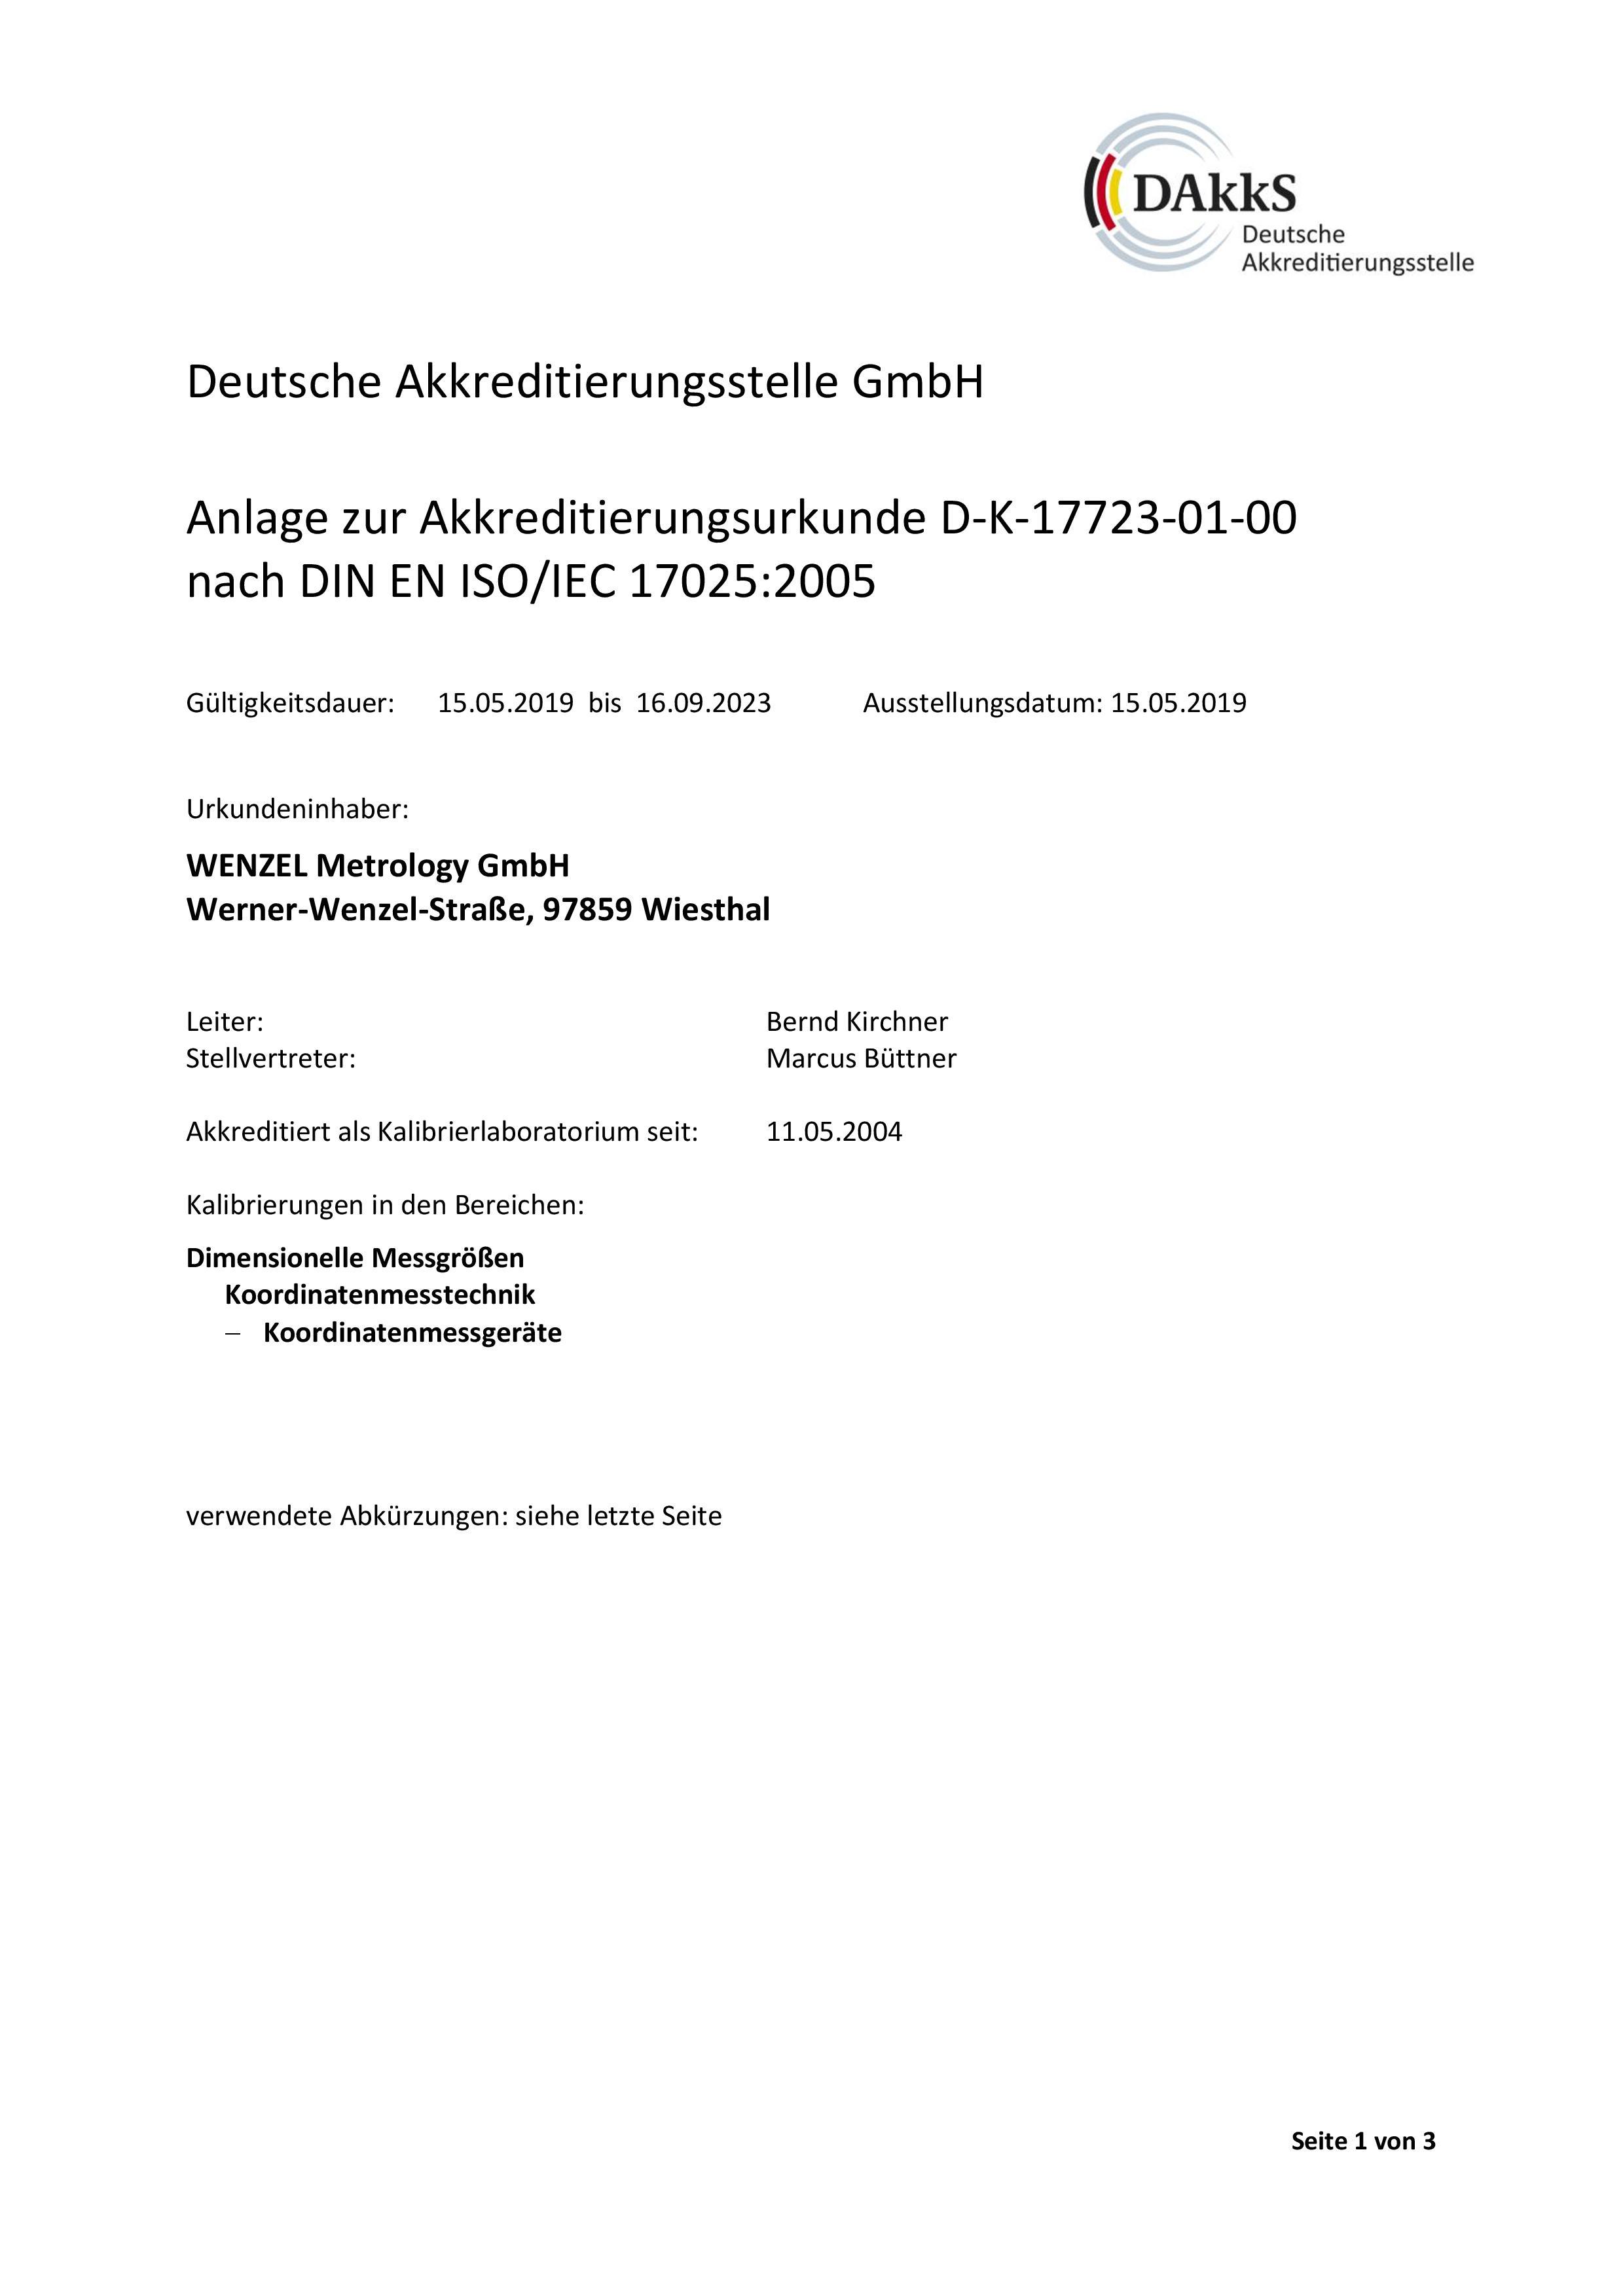 Anlage-Akkreditierungsurkunde_D-K-17723-01-00_15.05.2019-page-001